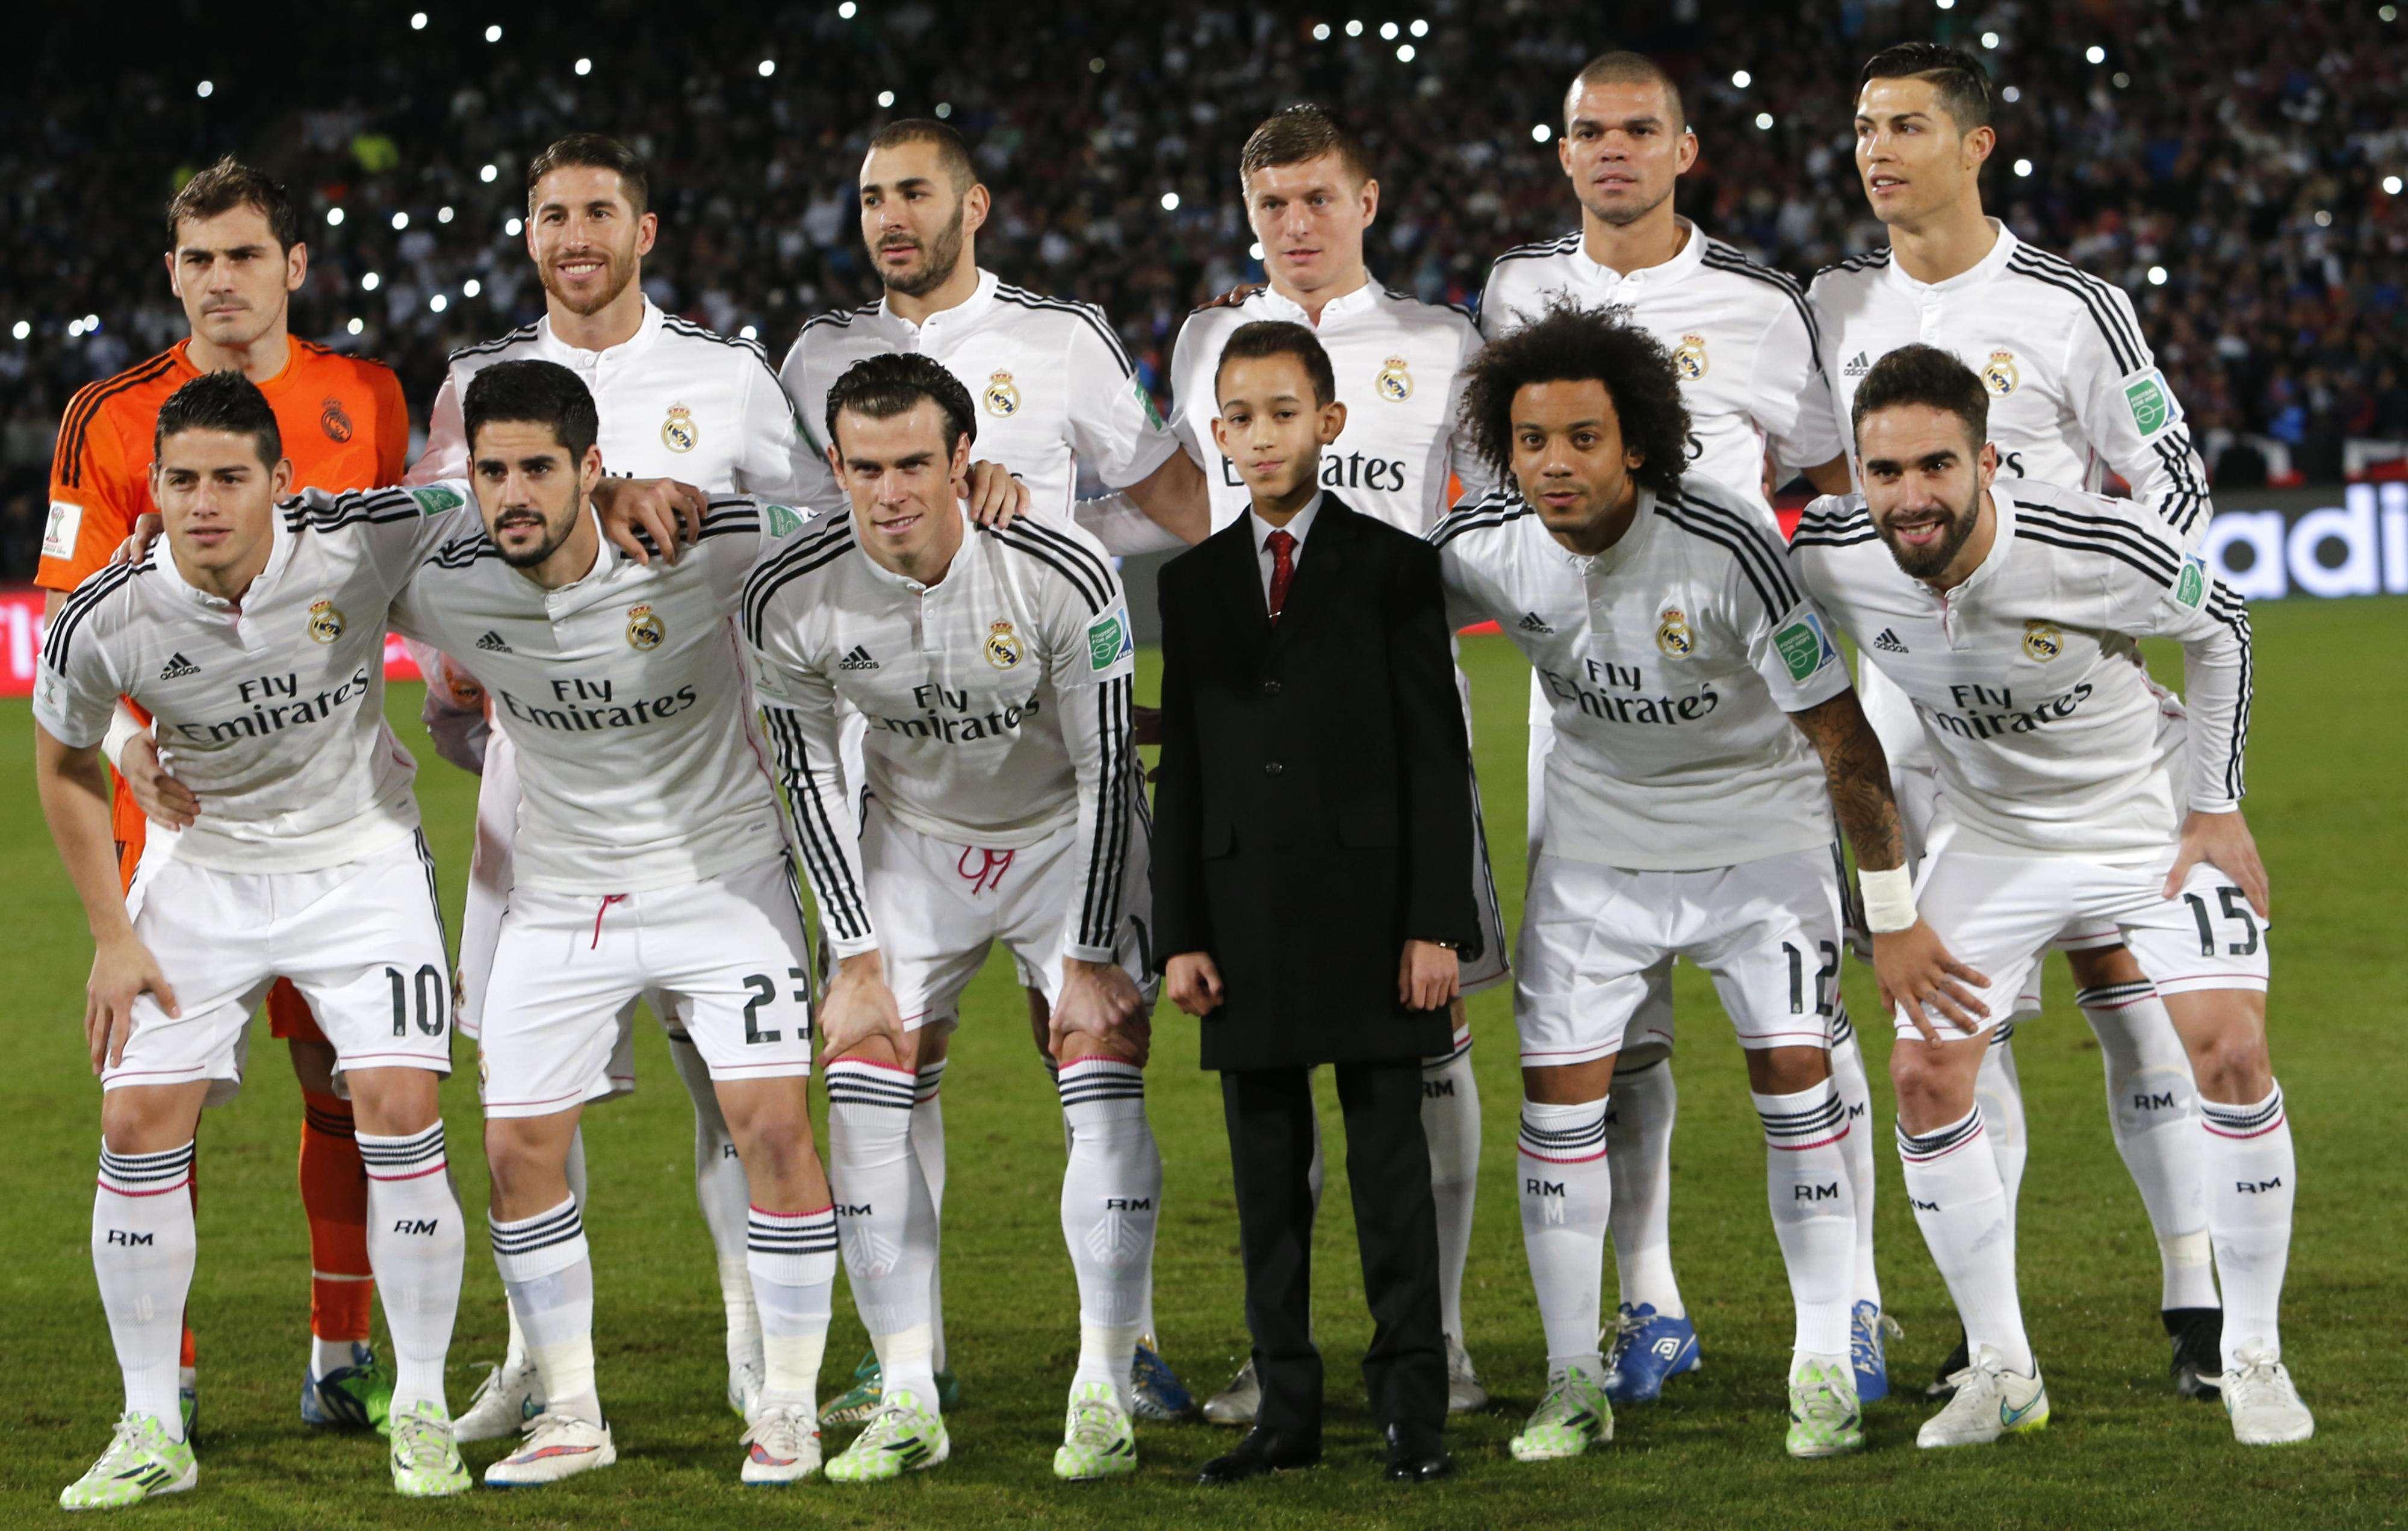 Real Madrid posa para foto antes de final Foto: Abdeljalli Bounhar/AP